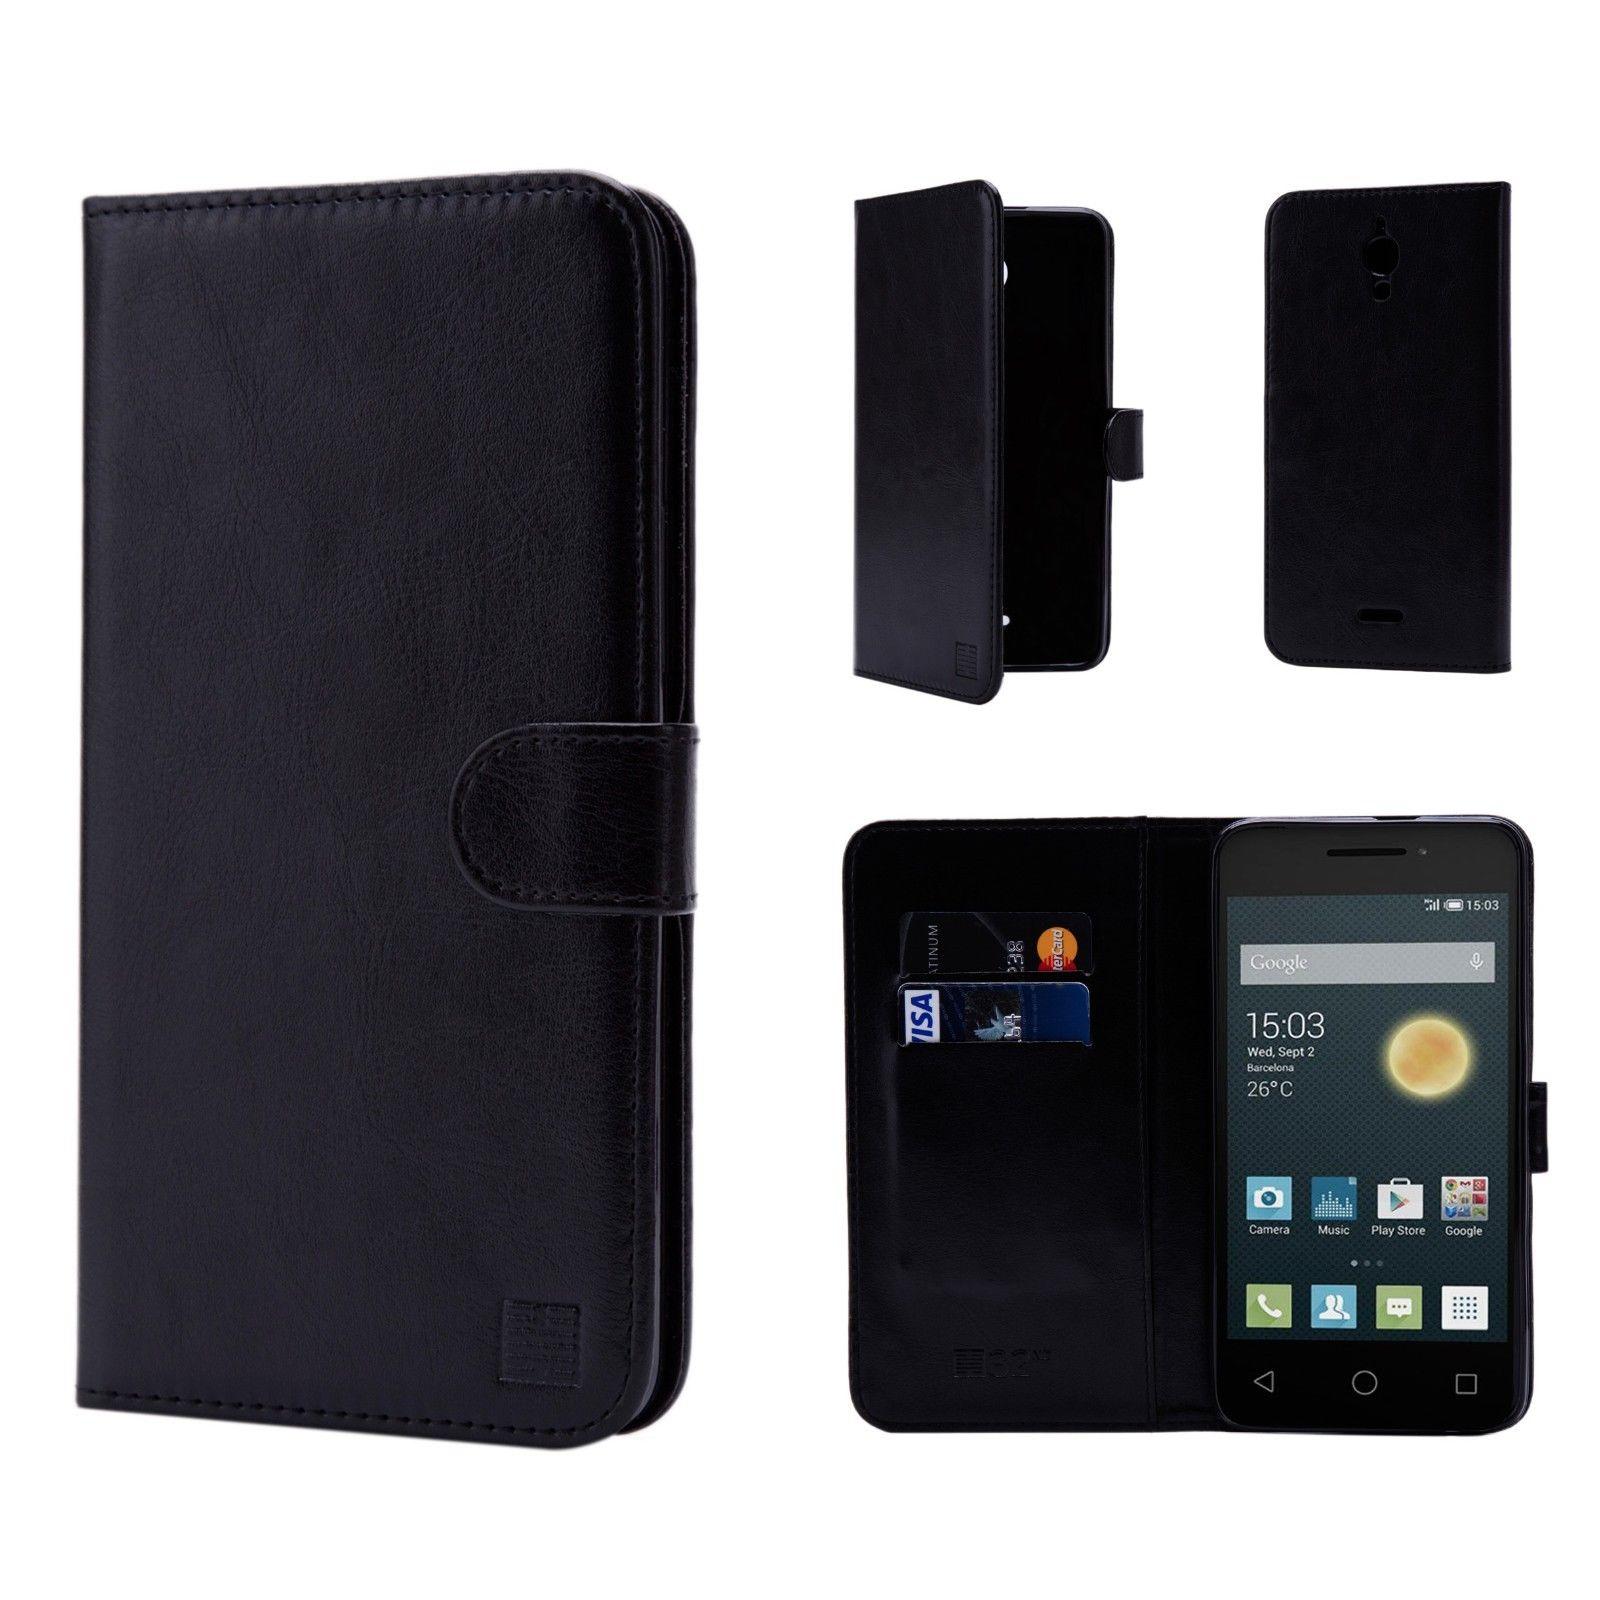 Pouzdro pro Alcatel Pixi 4 (5) 3G černé